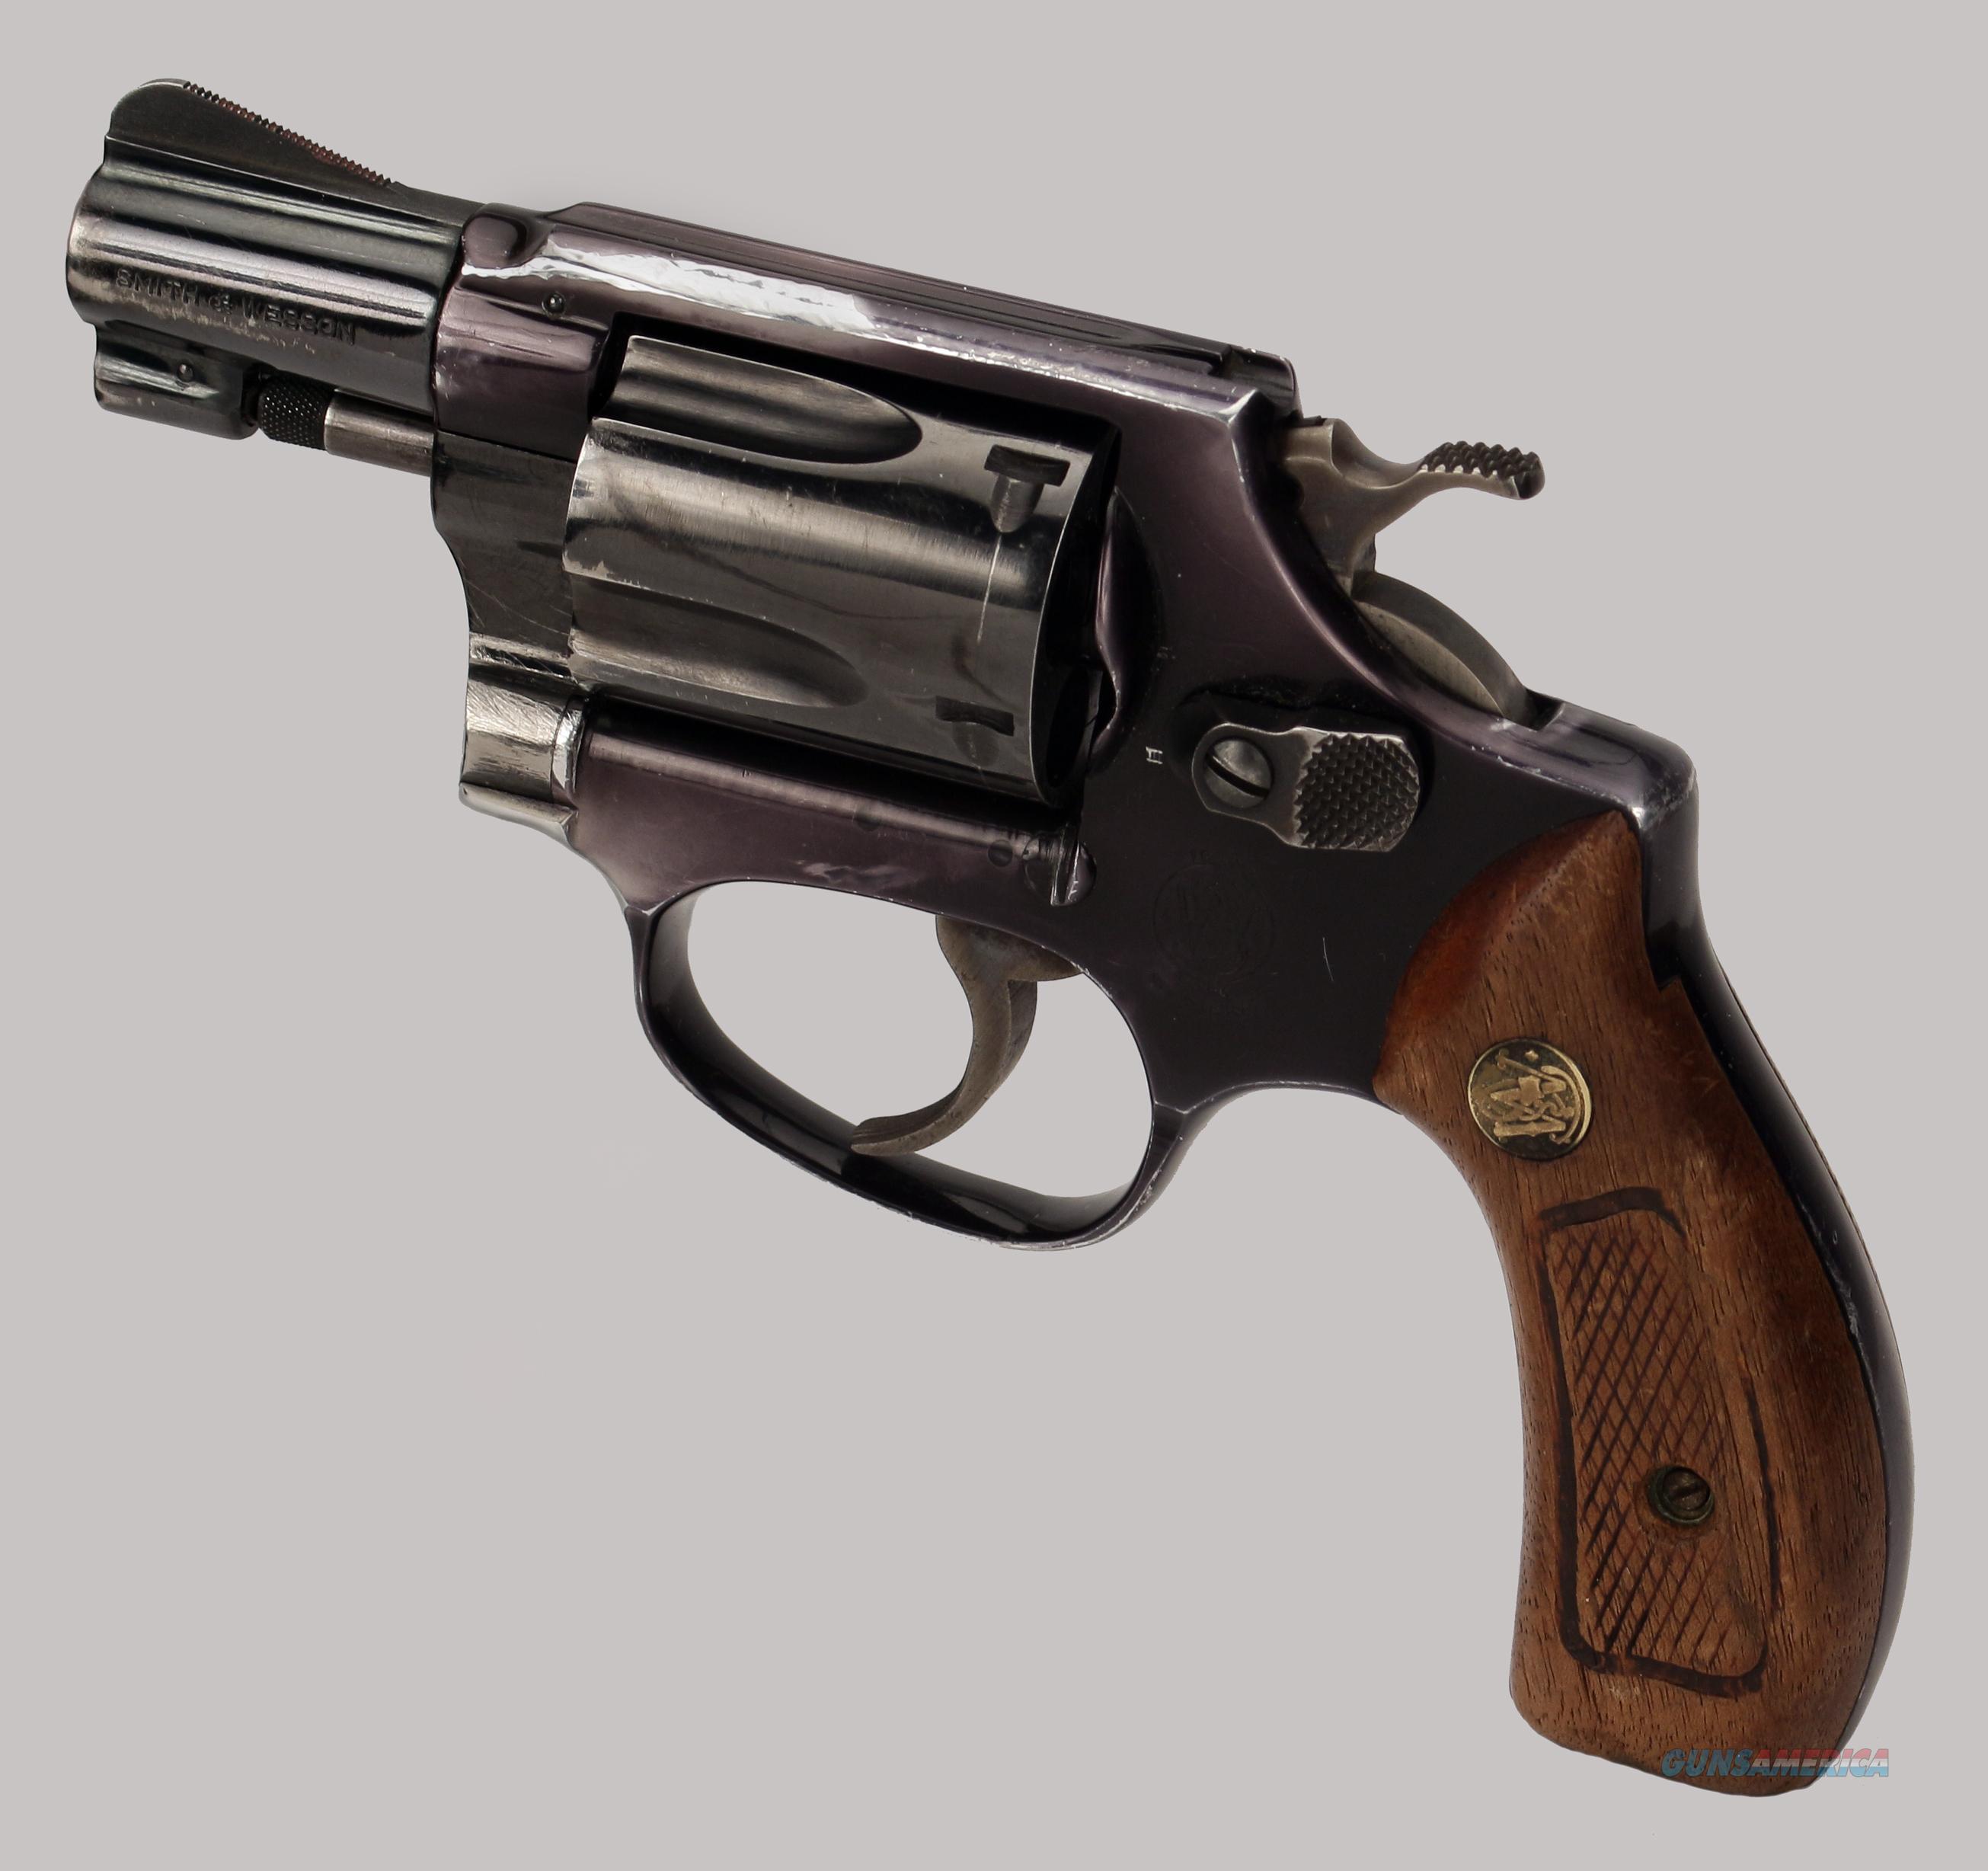 композиций самые картинки револьверов смит вессон стоимость входит шкатулка